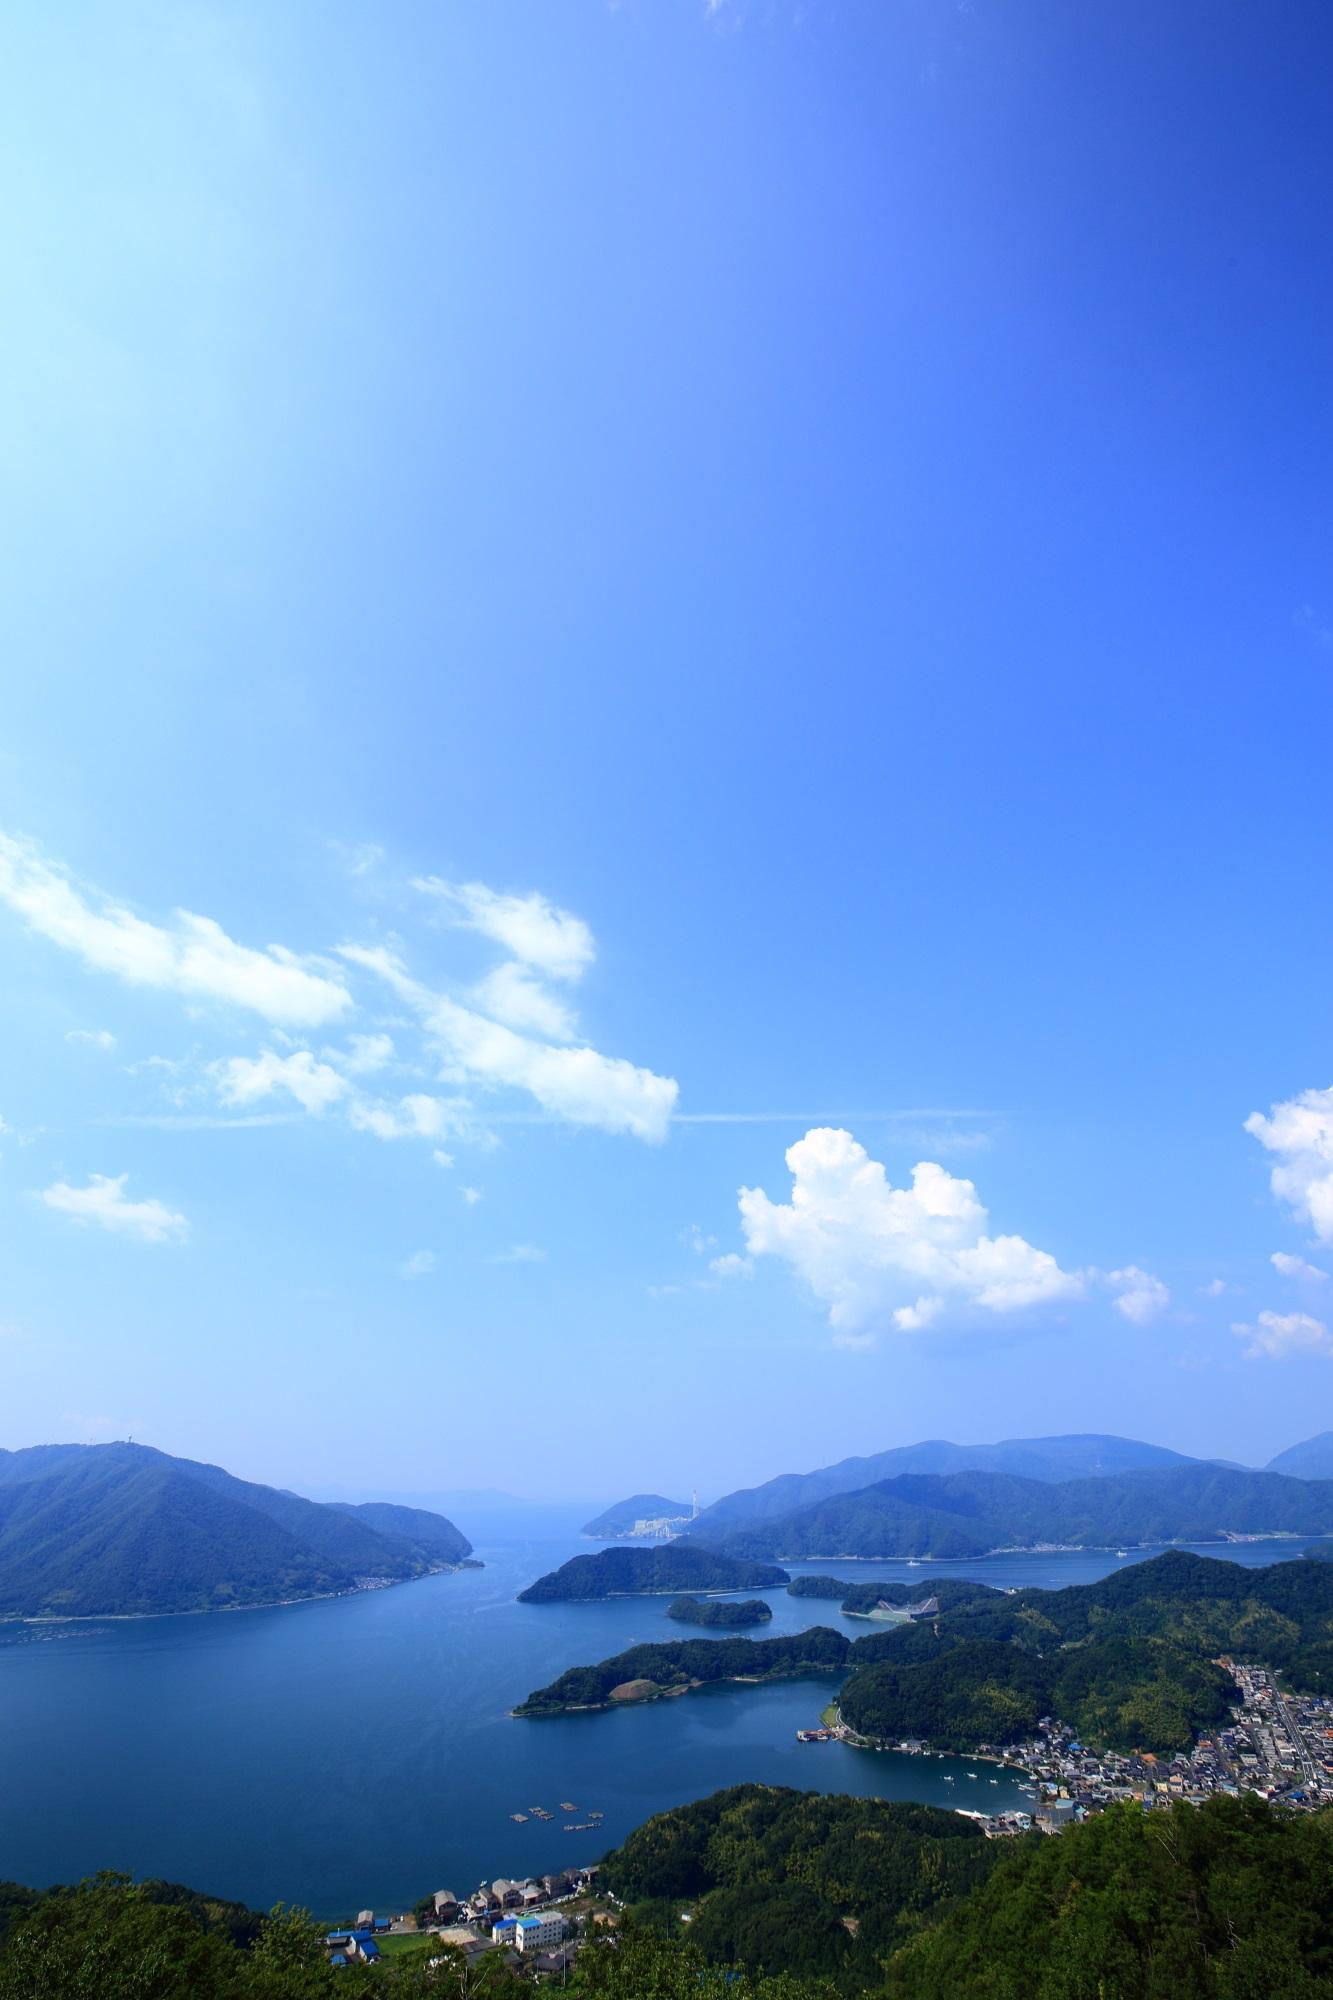 舞鶴の五老岳から眺めた海の京都の絶景